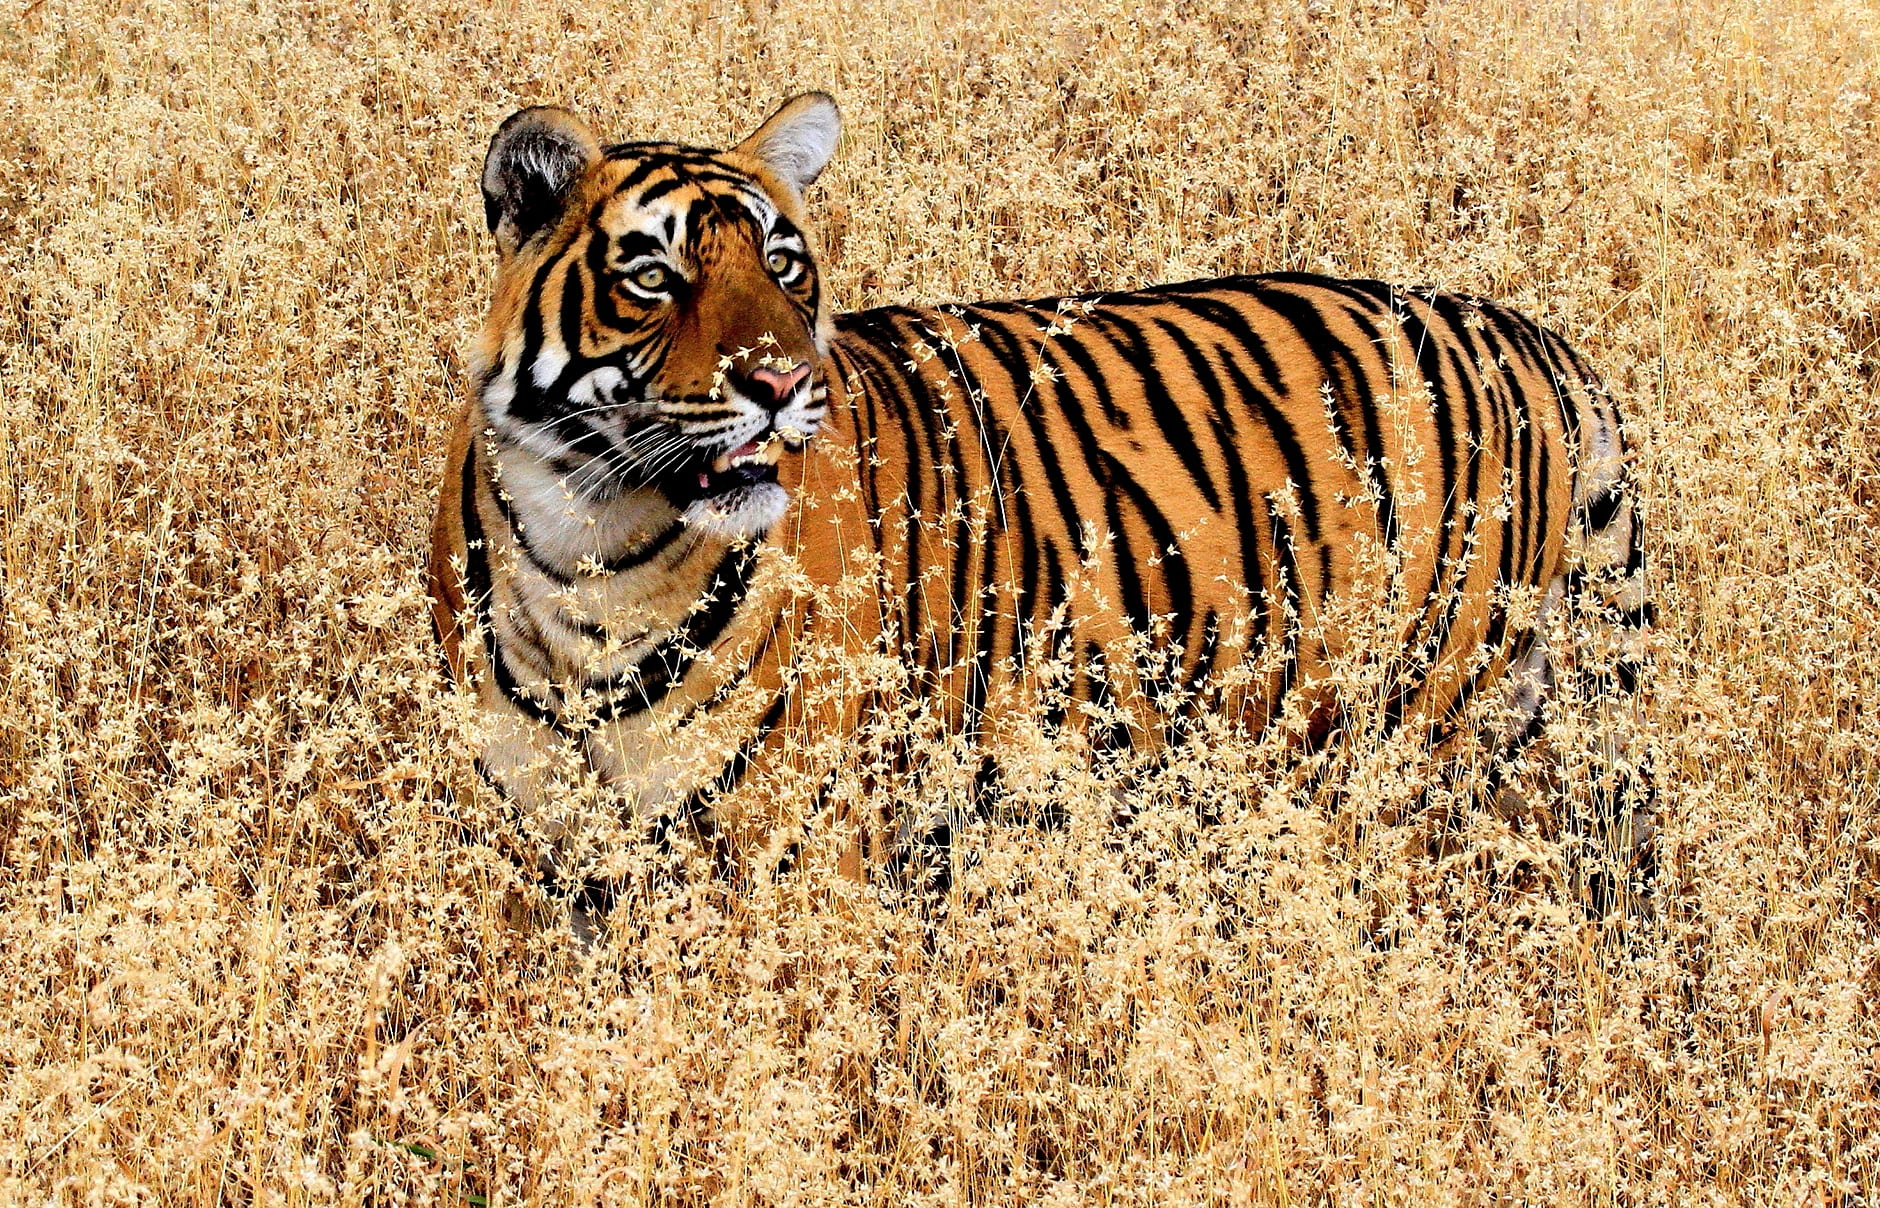 Aman-i-Khas, Ranthambhore, India. © Amanresorts